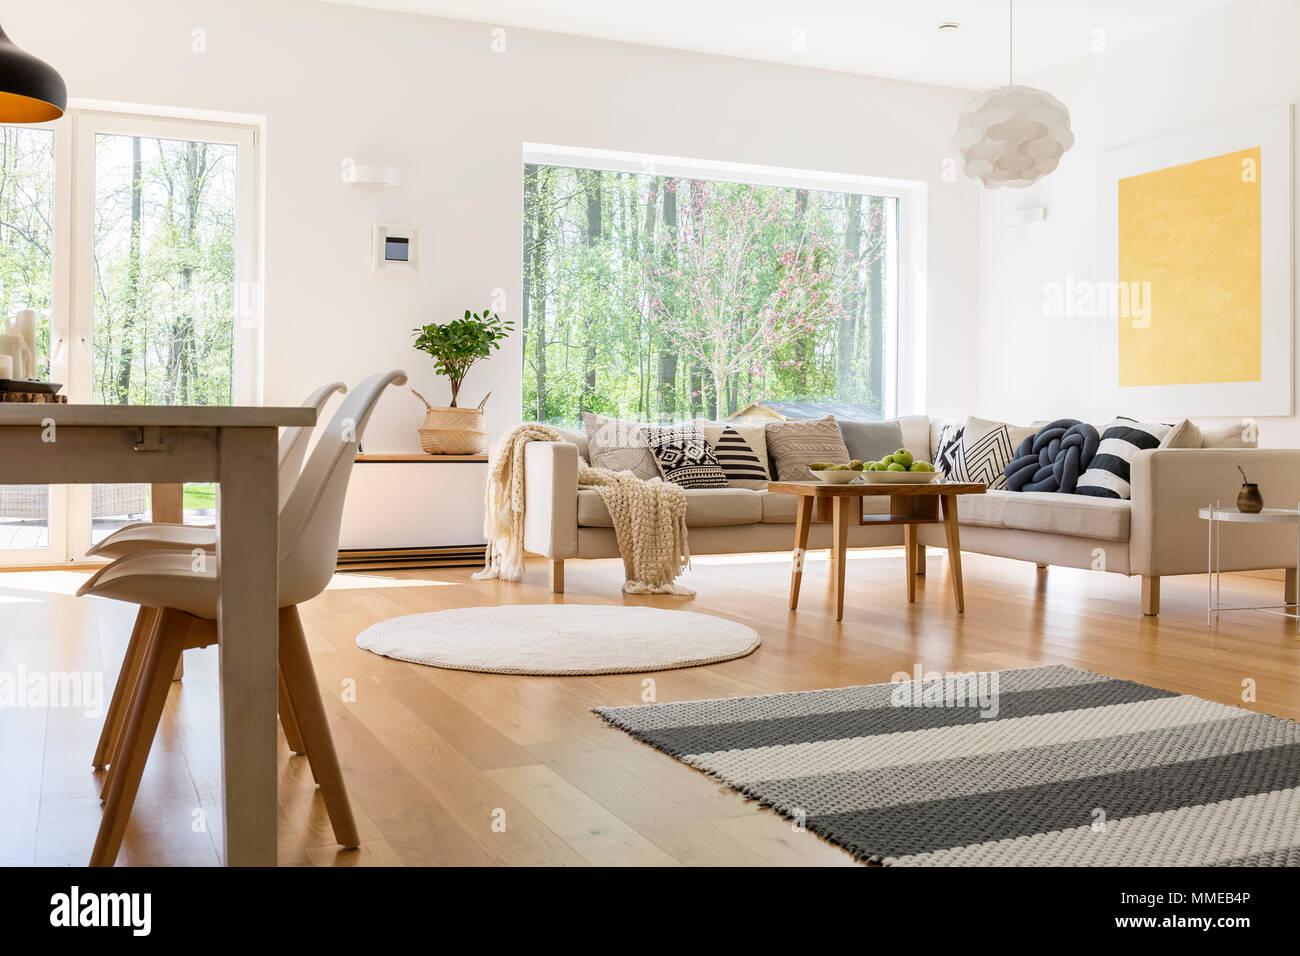 Weiß und Holz eingerichtet mit geräumigen modernen Wohnzimmer ...